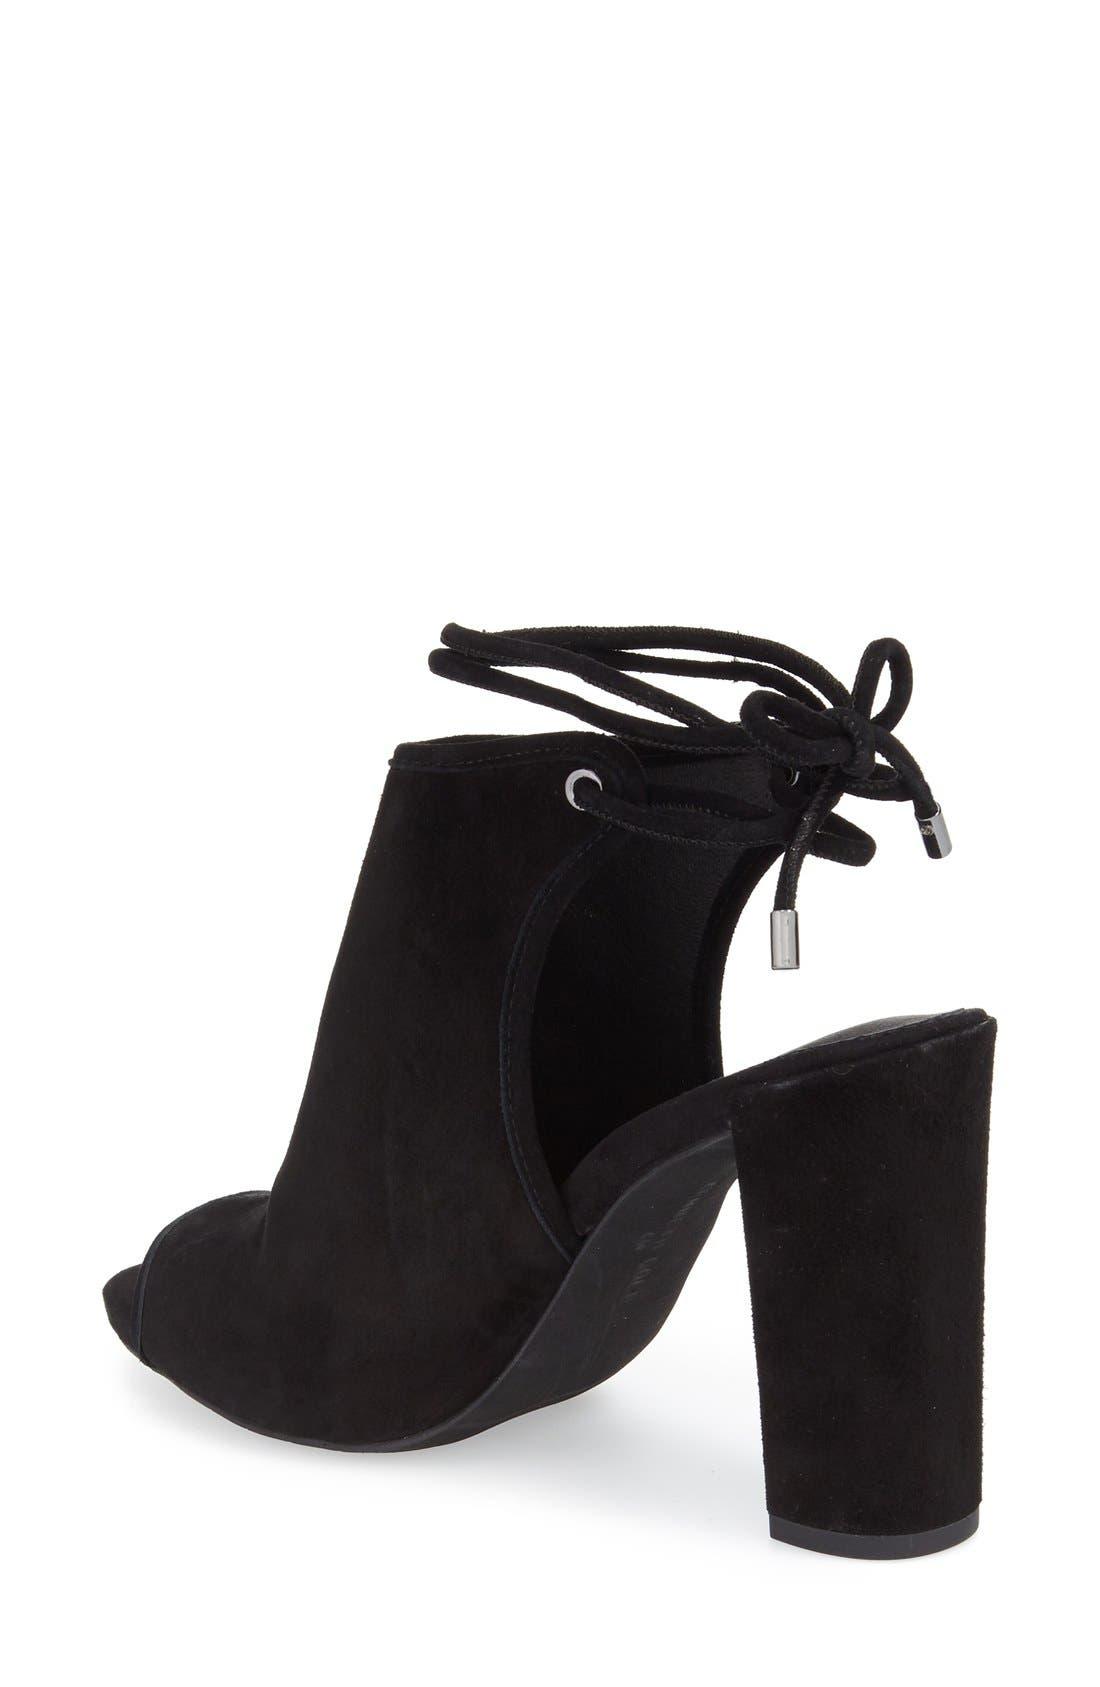 Darla Block Heel Sandal,                             Alternate thumbnail 2, color,                             001